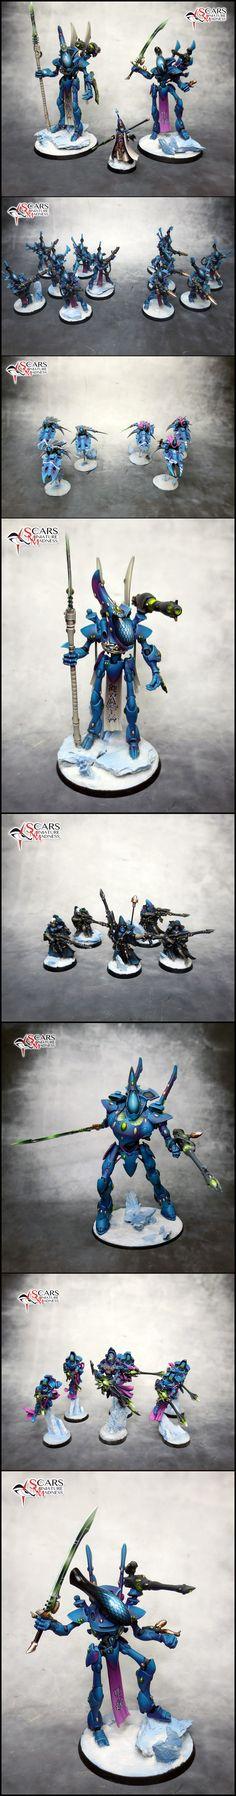 Eldar army